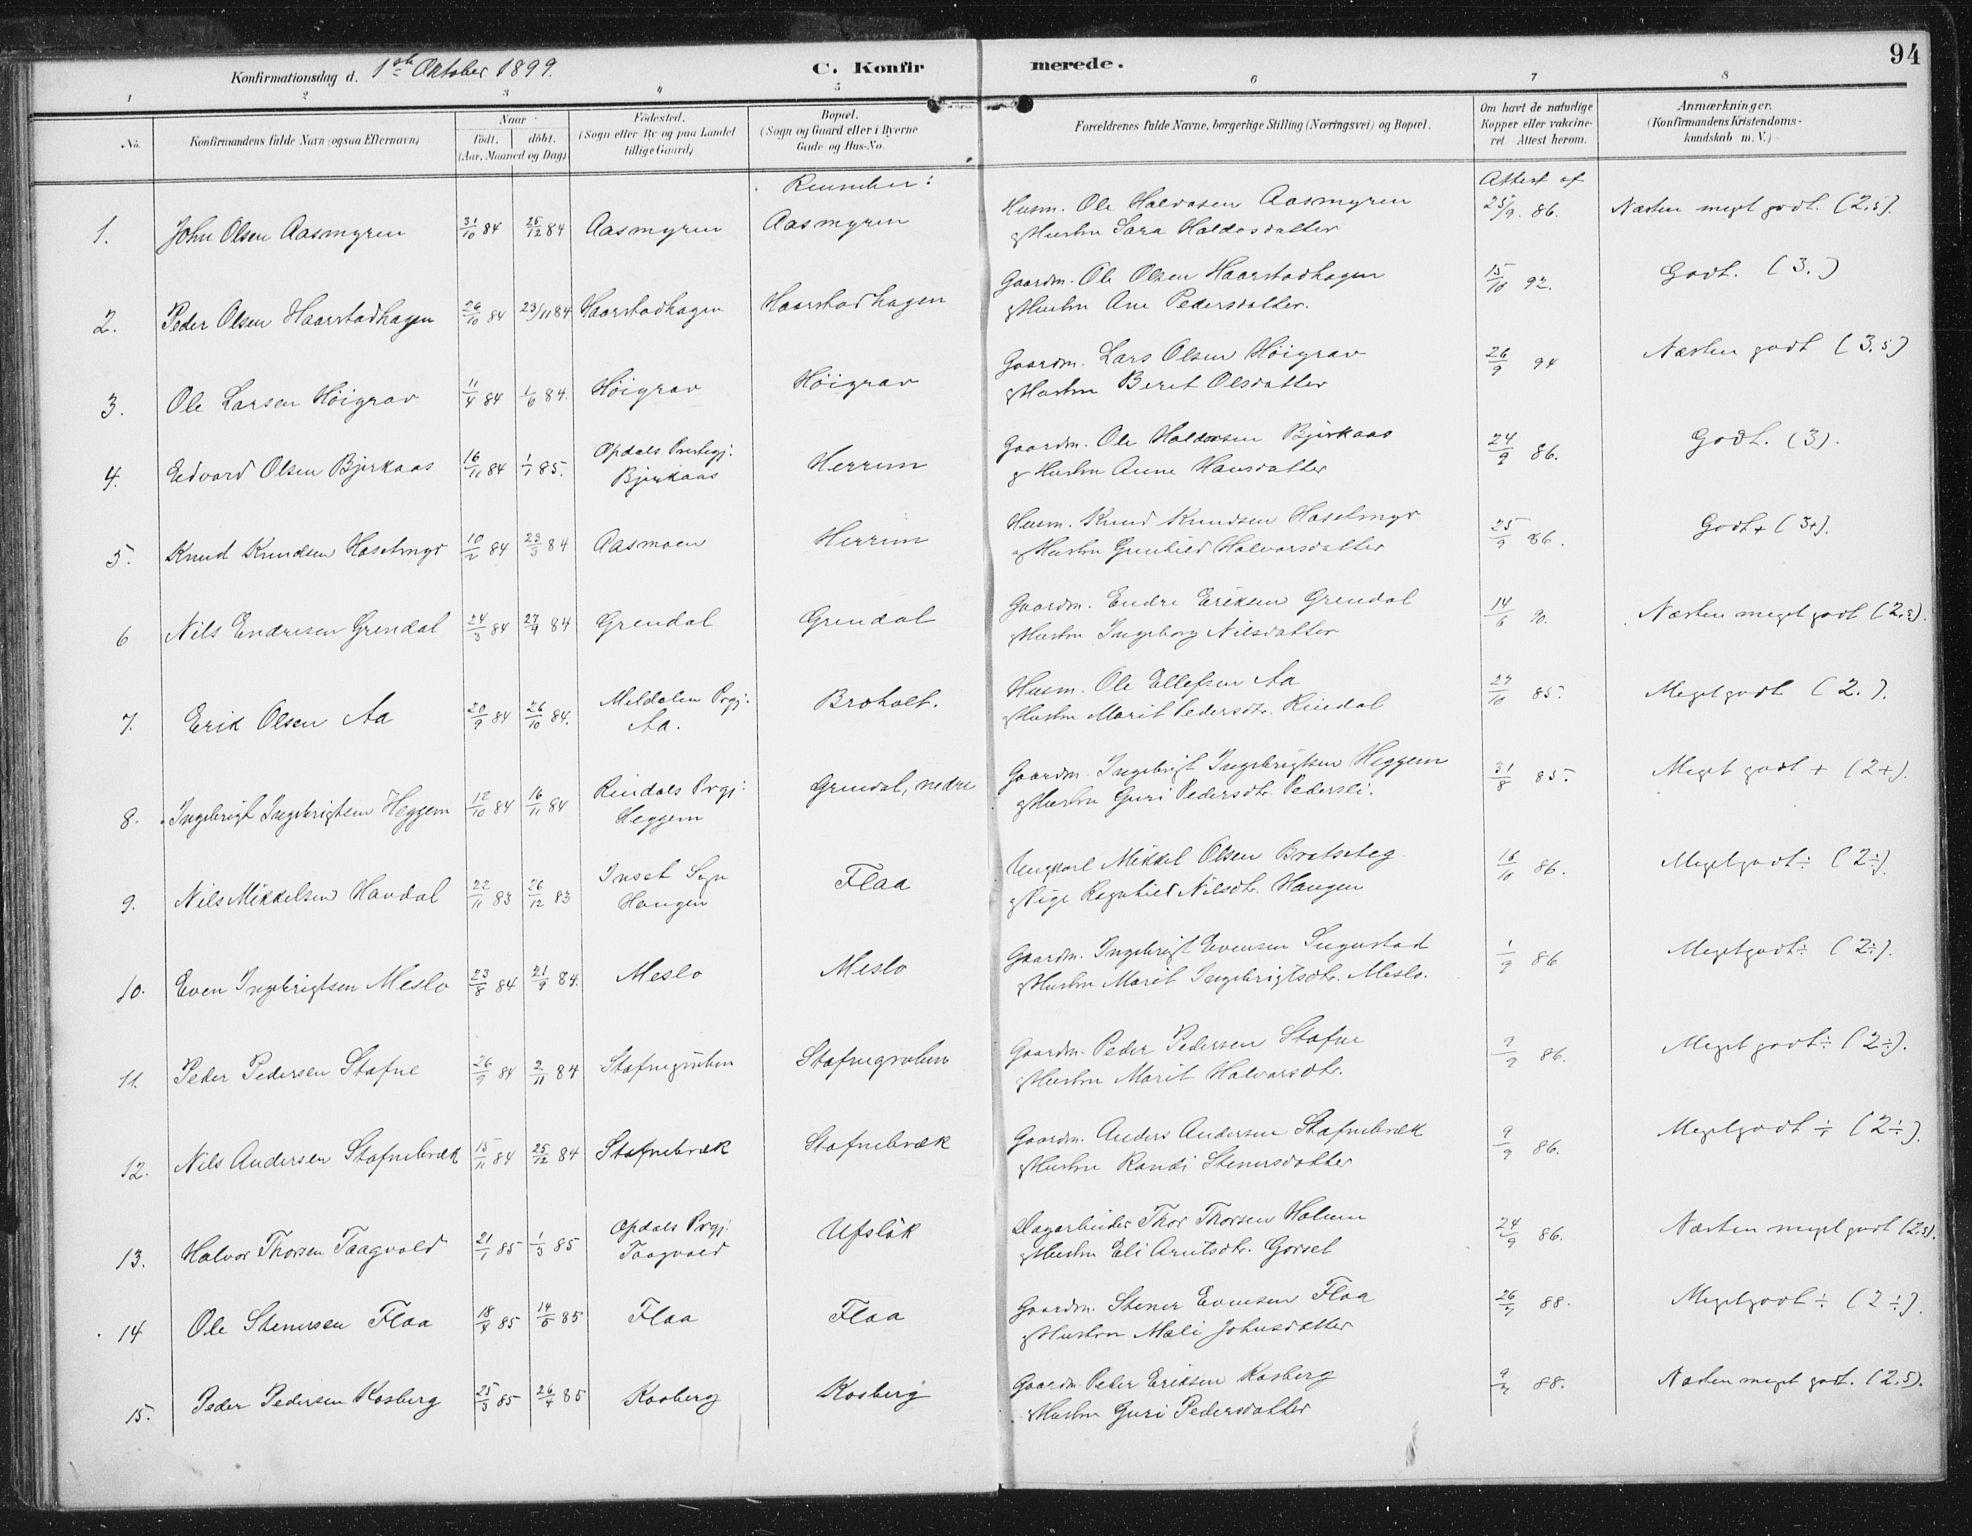 SAT, Ministerialprotokoller, klokkerbøker og fødselsregistre - Sør-Trøndelag, 674/L0872: Ministerialbok nr. 674A04, 1897-1907, s. 94